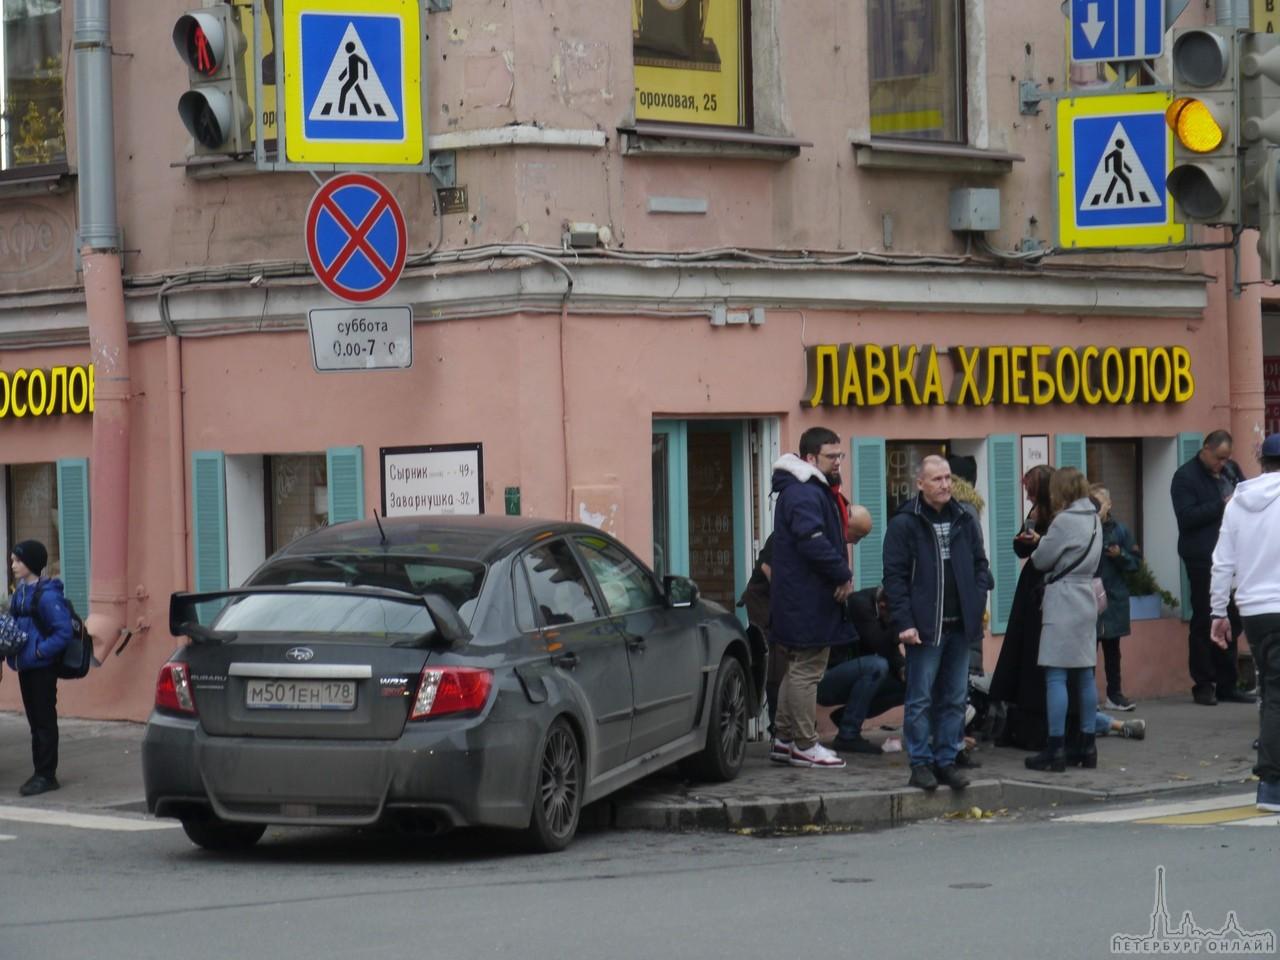 На улицах нашего города продолжают страдать люди. Очередное ДТП с вылетом на тротуар и пострадавшими...